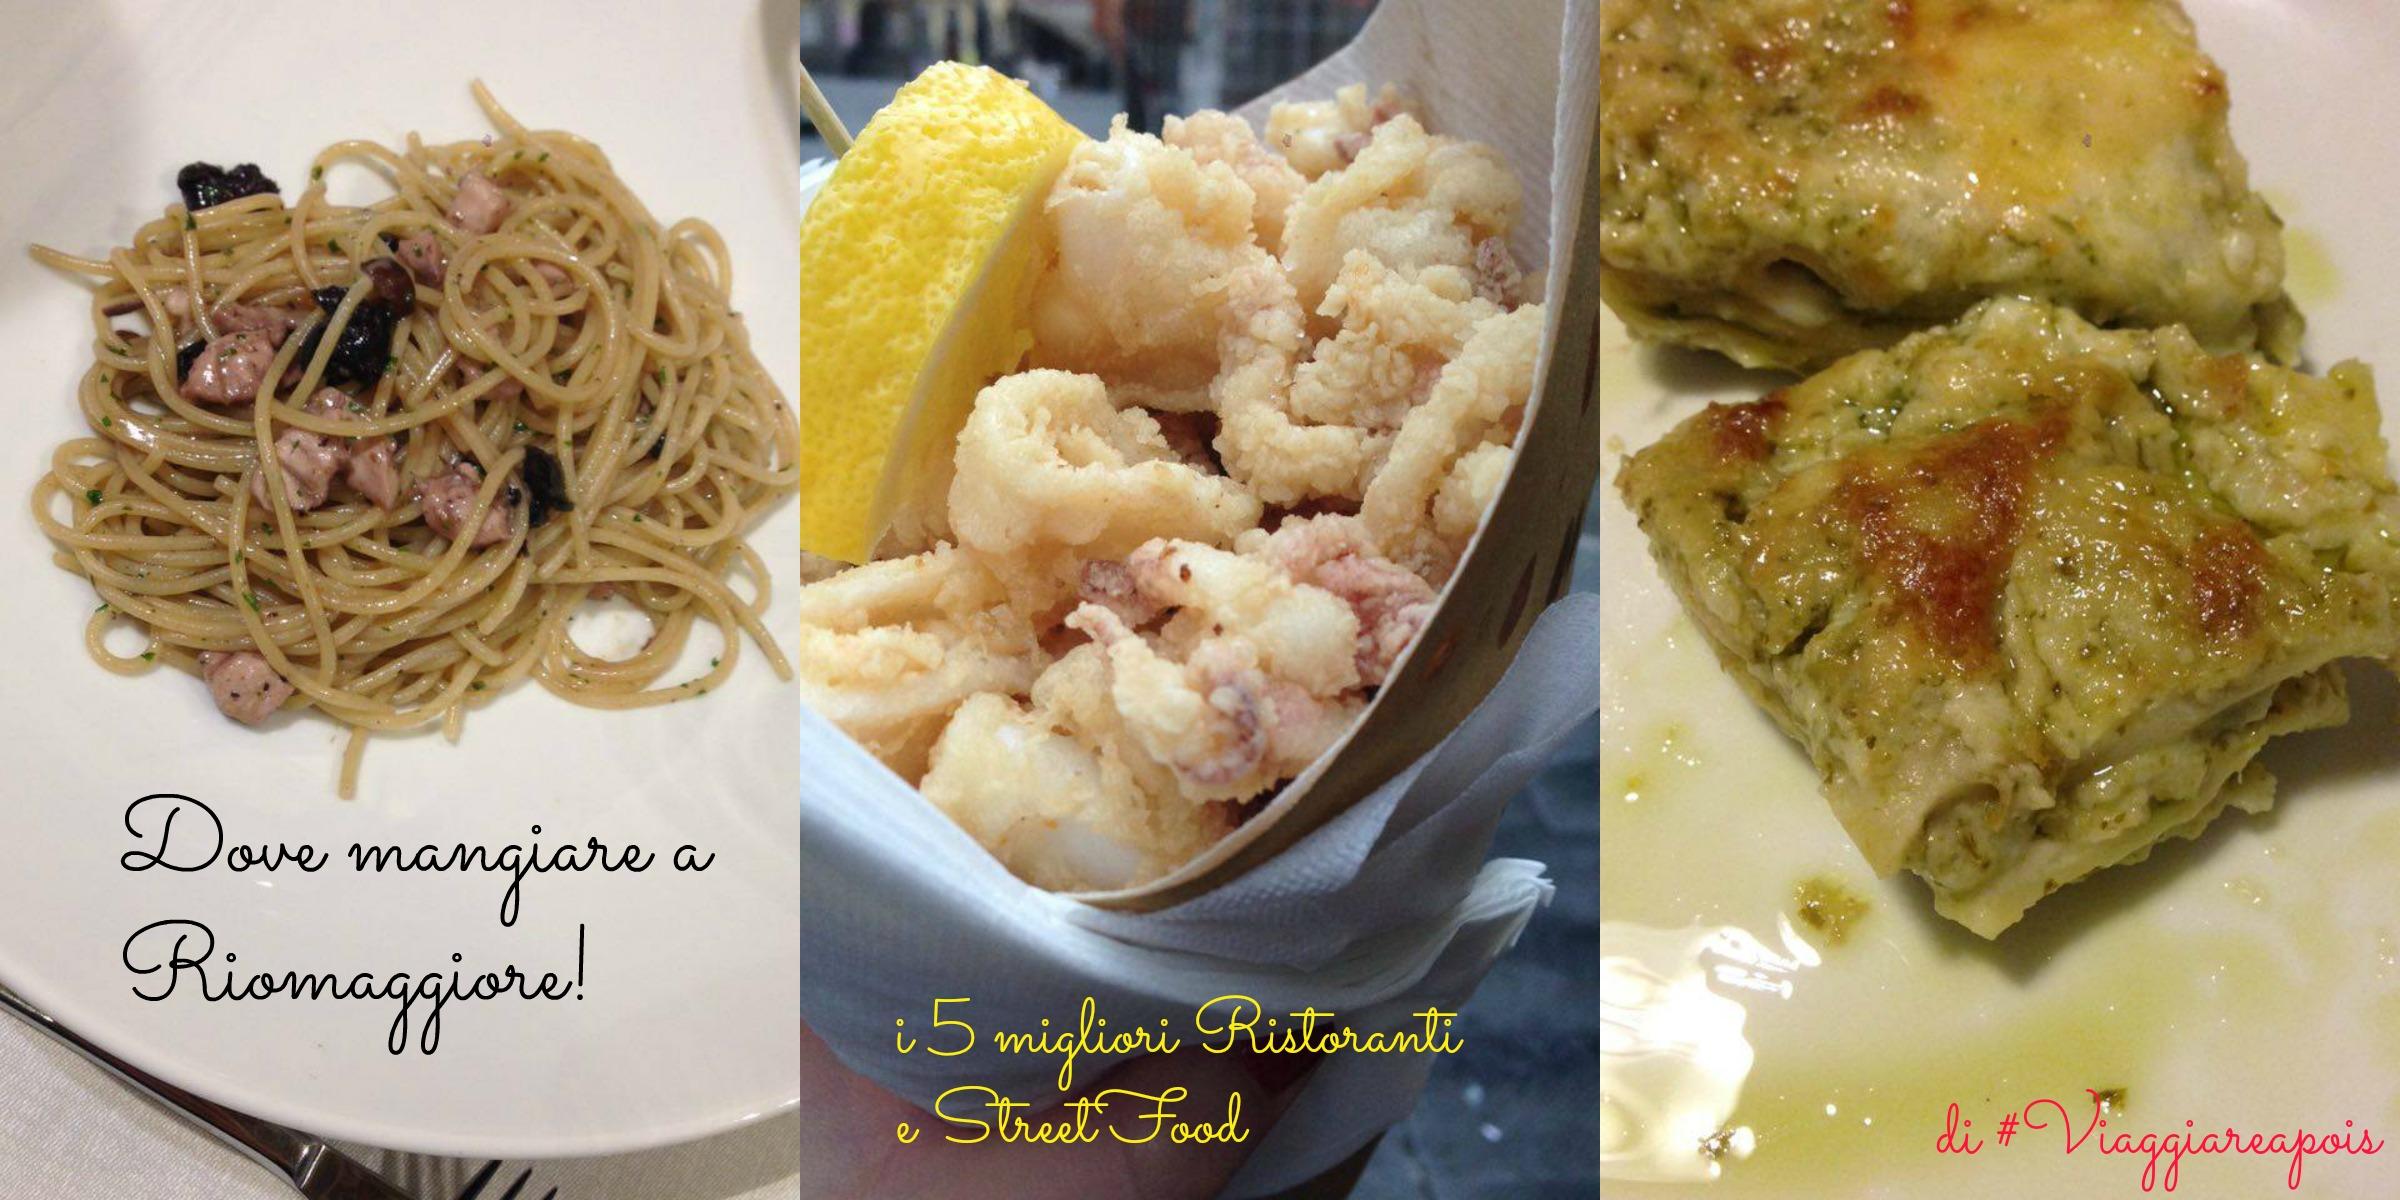 Dove mangiare a Riomaggiore. Ecco la lista!